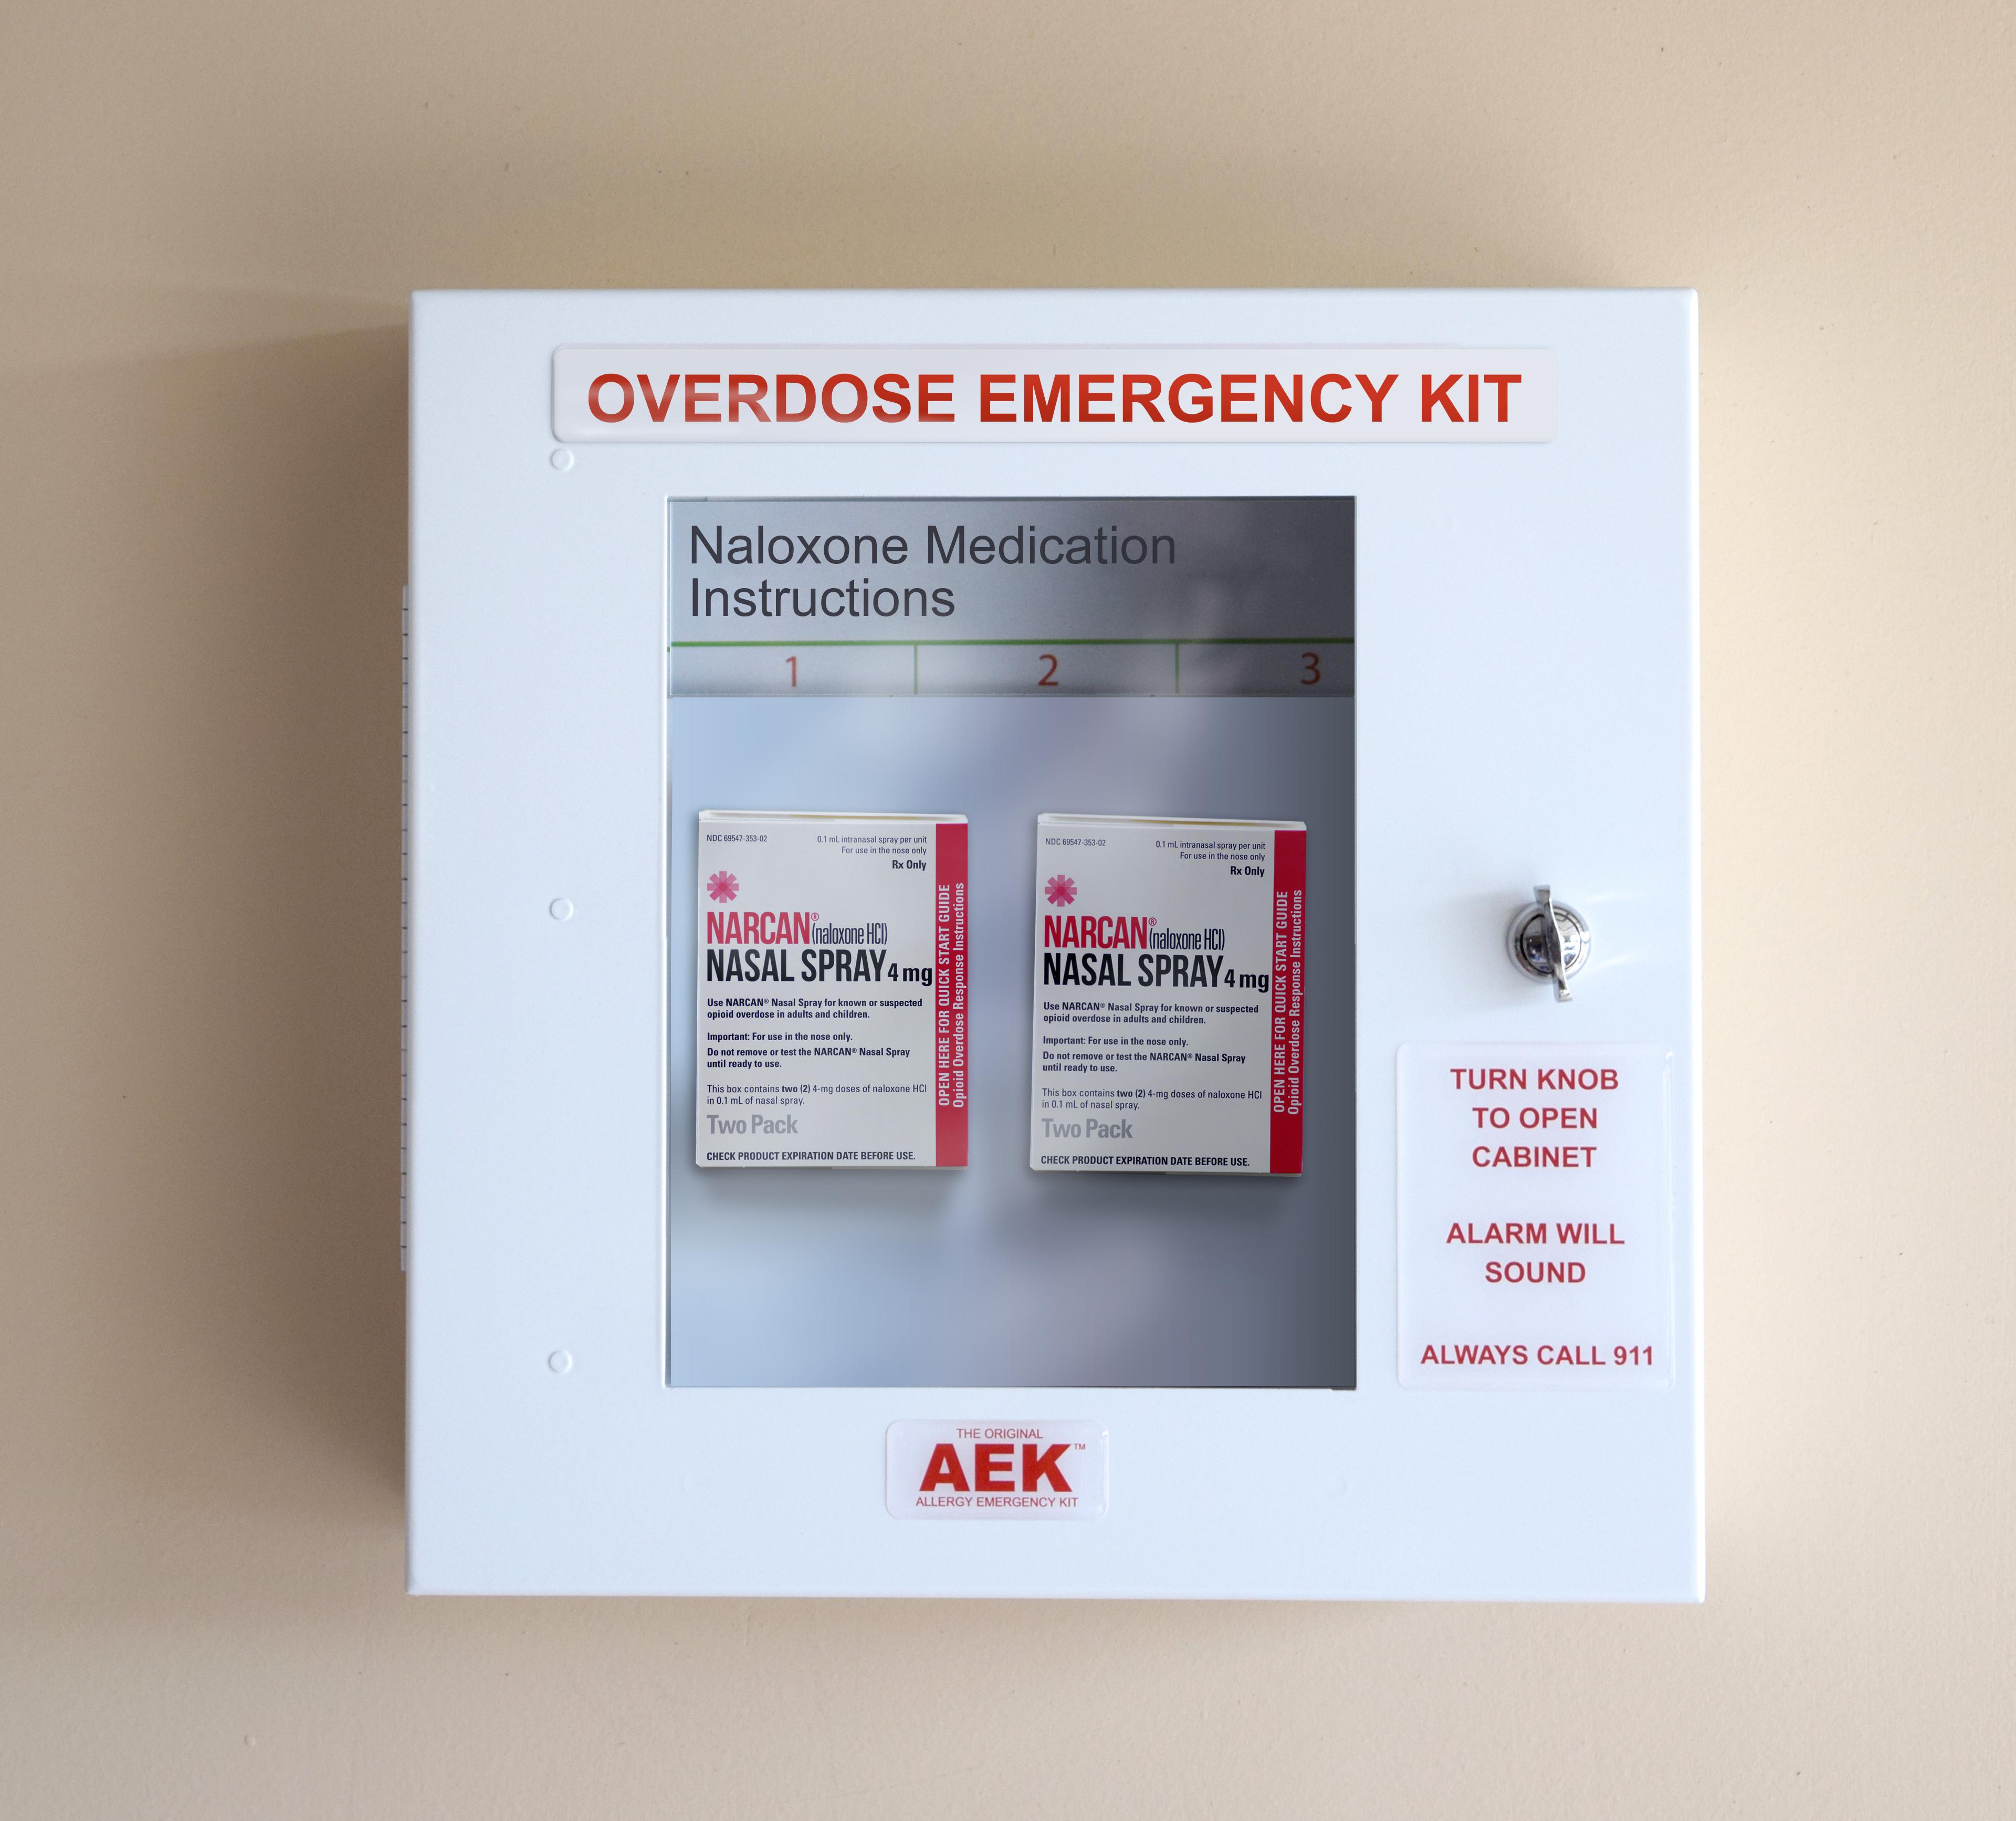 Overdose Emergency Kit Locking Cabinet